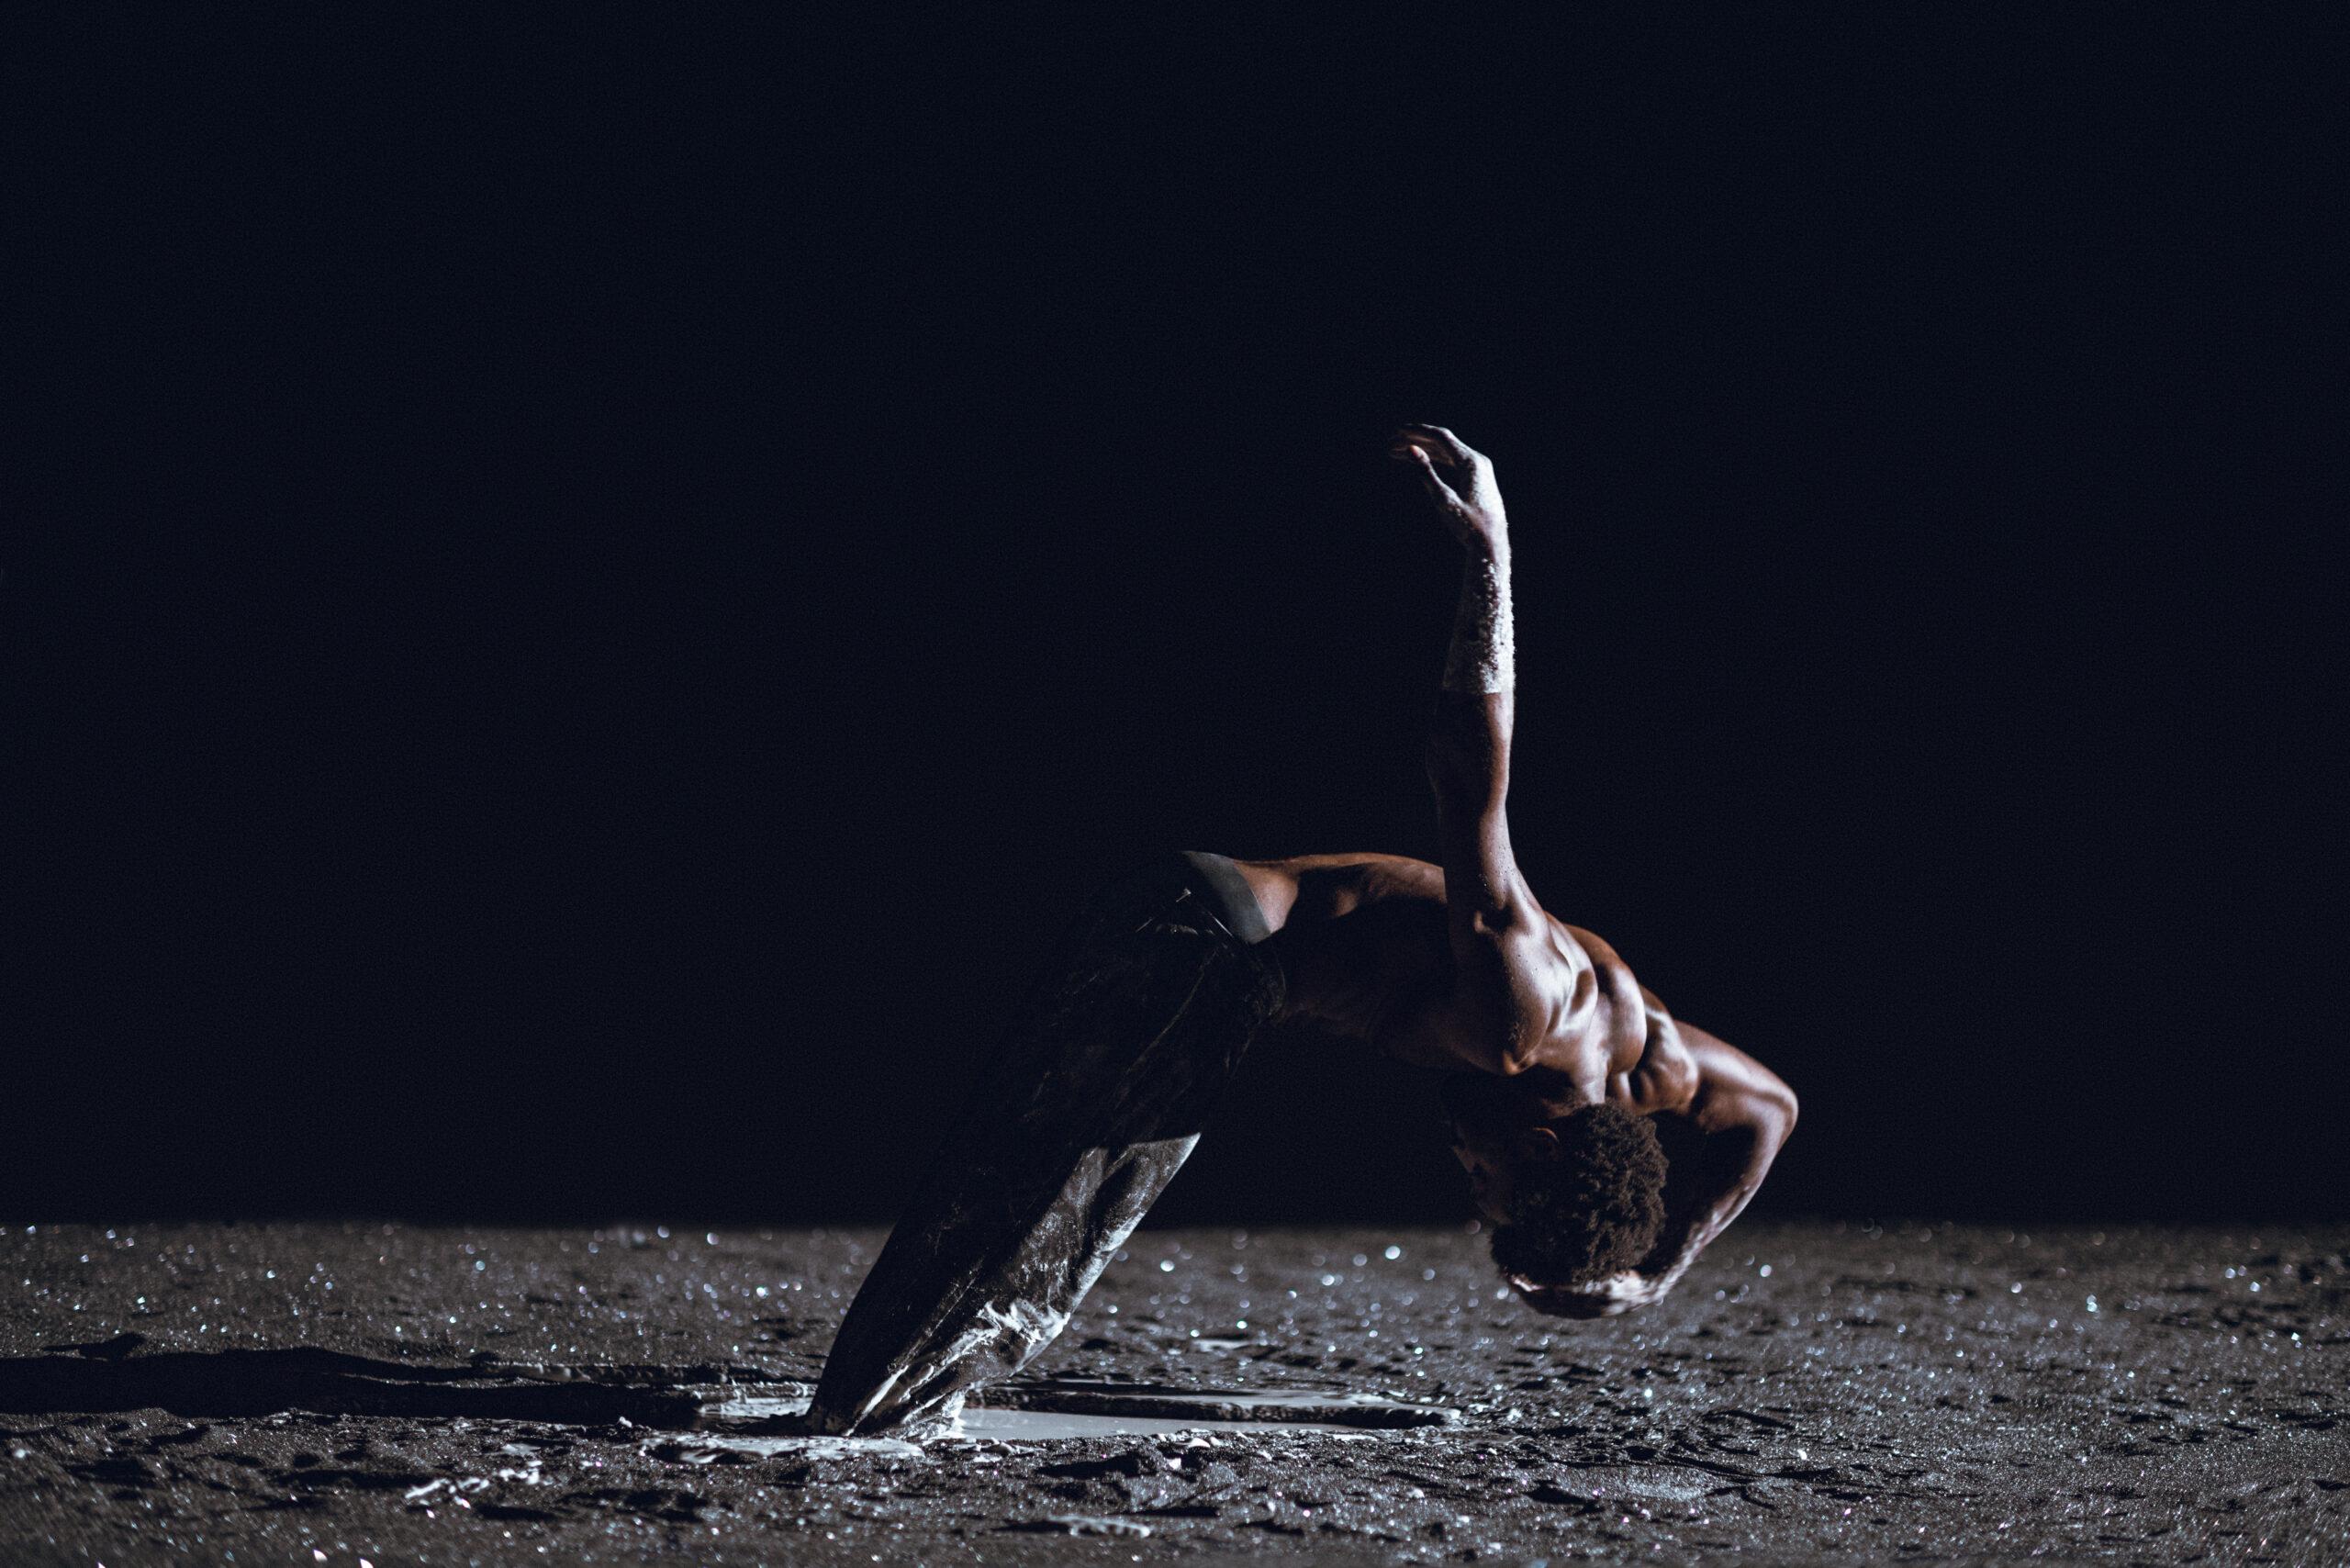 La poussière noire de Damien Jalet et Kohei Nawa dans Planet [wanderer] à Chaillot